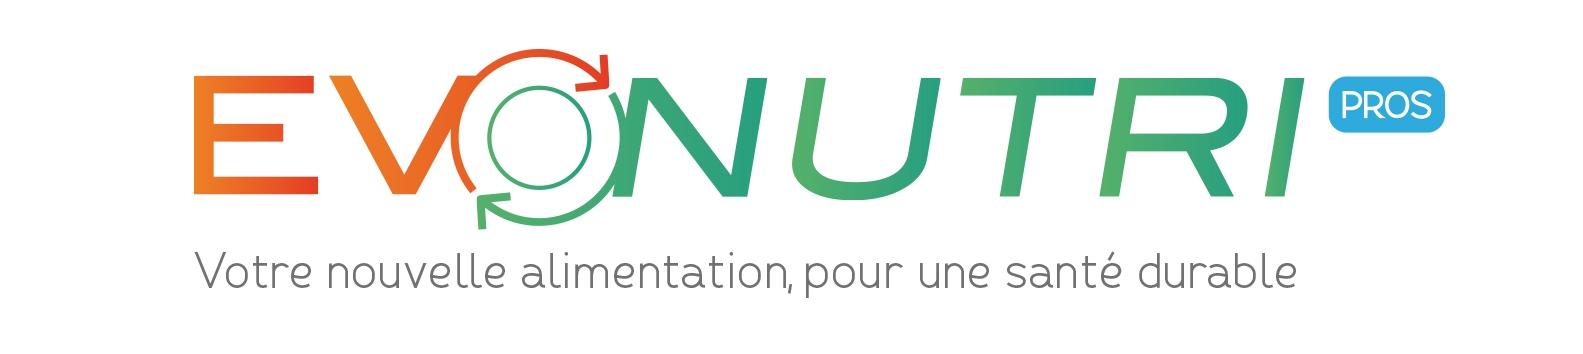 logo-EVOnutriPROS-1